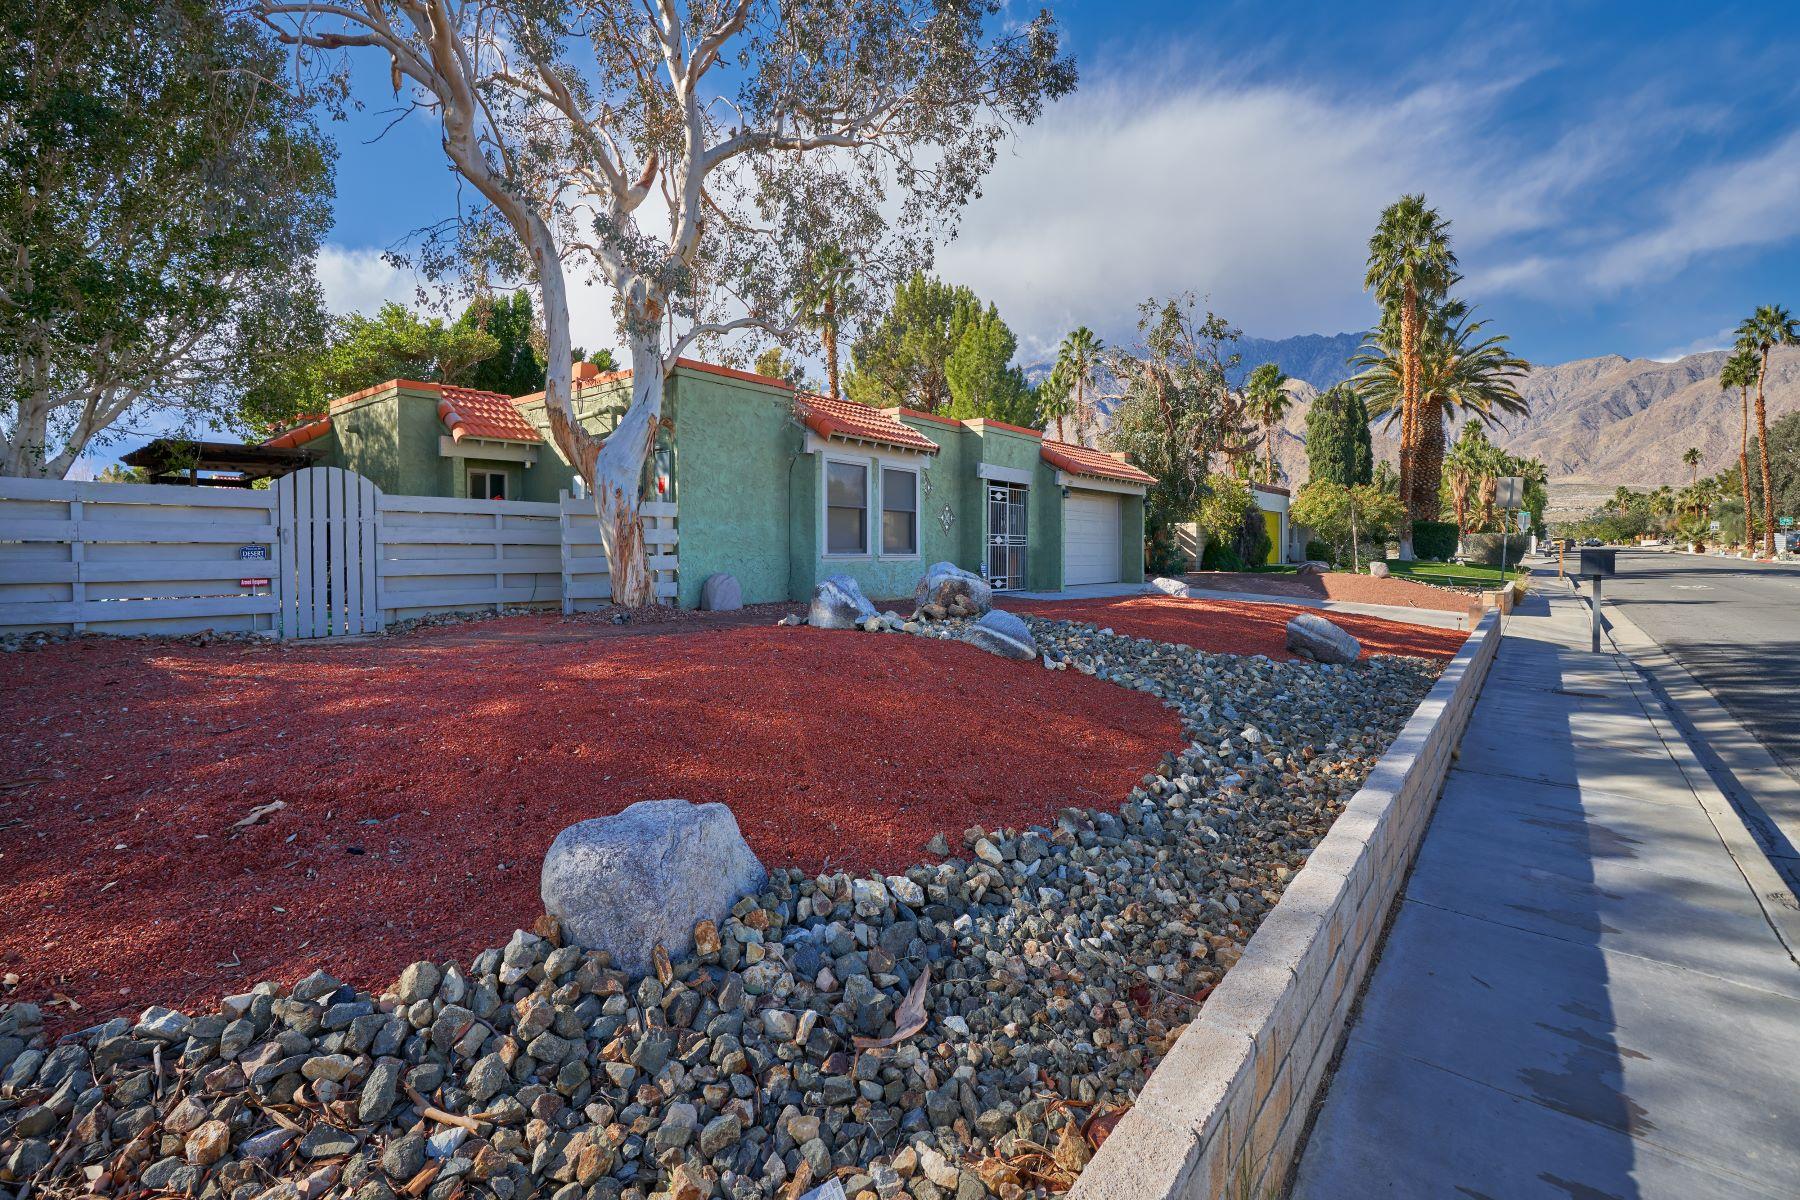 独户住宅 为 销售 在 1395 E Via Escuela 棕榈泉, 加利福尼亚州, 92262 美国